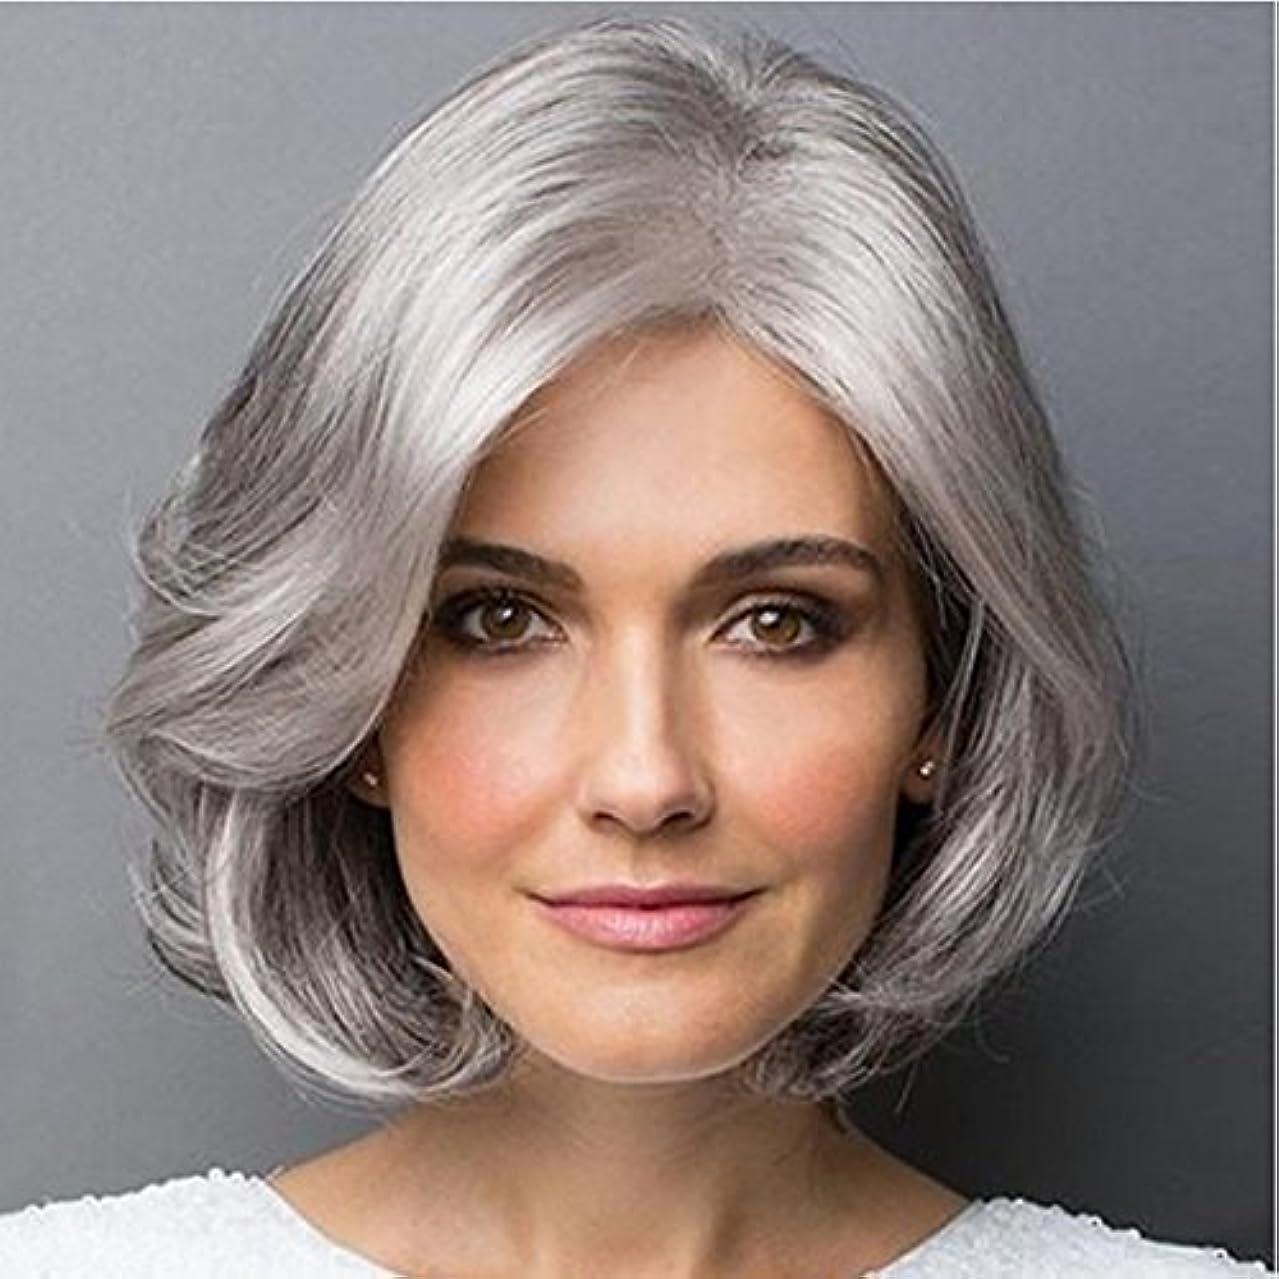 フラップ居間流すYOUQIU 斜め前髪マイクロボリュームかつら耐熱ファイバー20センチメートル/ 30センチメートル(シルバーグレー、グラデーションシルバーグレー)かつらと女性のショートヘアのための合成カーリーヘアウィッグ (色 : Silver...